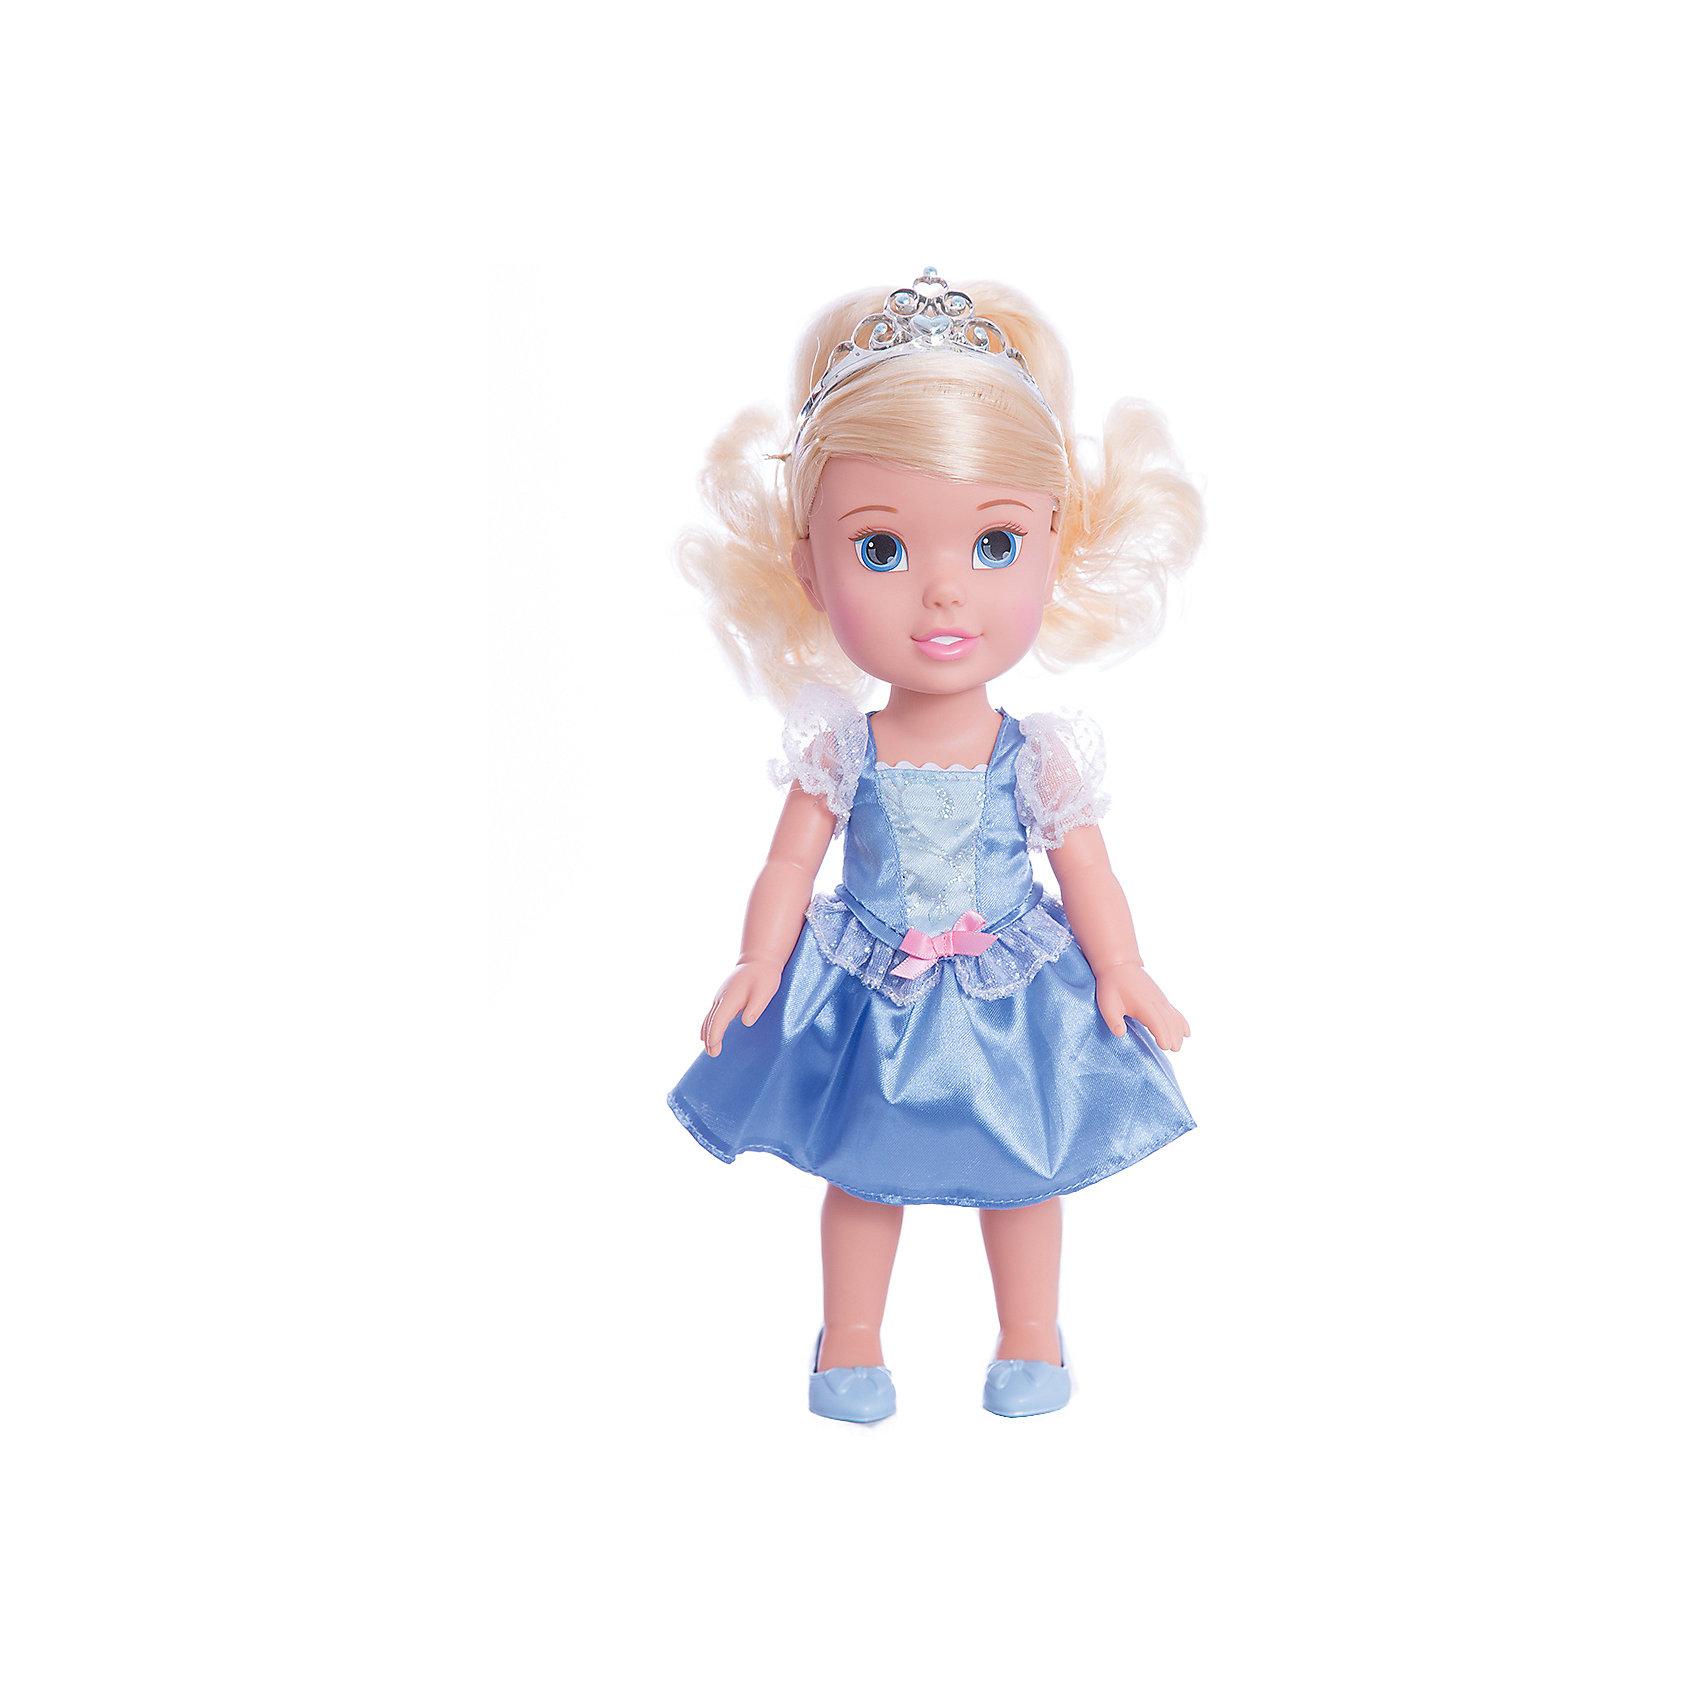 Кукла-малышка Принцессы Диснея Золушка, 31 см.Принцессы Дисней<br>Кукла Золушка, 31 см<br><br>Характеристики:<br><br>- В комплекте: кукла, тиара<br>- Высота куклы: 31 см.<br>- Материал: пластик, текстиль<br>- Особенности: настоящие мягкие волосы<br>- Упаковка: картонная коробка с дисплеем<br><br>Кукла-малышка Золушка создана по мотивам фильма Дисней «Золушка» и наверняка понравится каждой его поклоннице! Маленькая принцесса Дисней одета в стильное нарядное атласное платье голубого цвета с белым кружевом и маленьким розовым бантиком, которое сочетается с удобными туфельками и маленькой изящной тиарой. У куклы шелковистые светлые волосы, из которых можно создавать самые разные прически. Кукла выполнена из высококачественных материалов, выглядит очень мило.<br><br>Куклу Золушка, 31 см, Холодное сердце купить в нашем интернет-магазине.<br><br>Ширина мм: 170<br>Глубина мм: 350<br>Высота мм: 120<br>Вес г: 604<br>Возраст от месяцев: 36<br>Возраст до месяцев: 2147483647<br>Пол: Женский<br>Возраст: Детский<br>SKU: 5156891